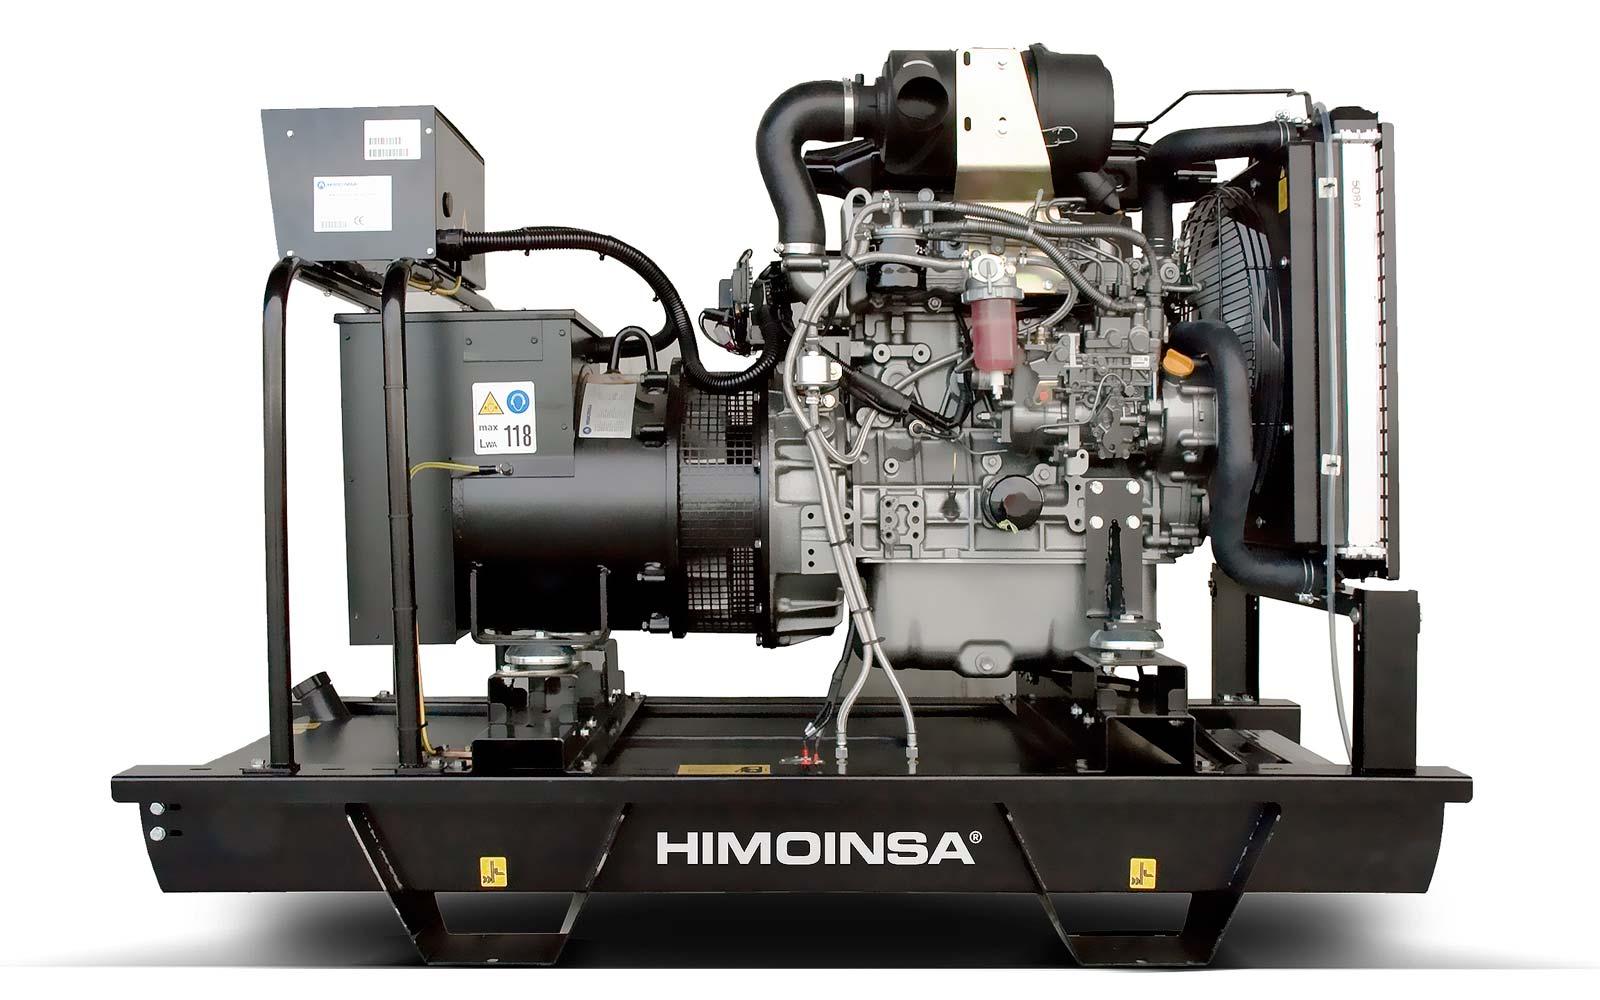 дизельная электростанция himoinsa hyw-13 t5